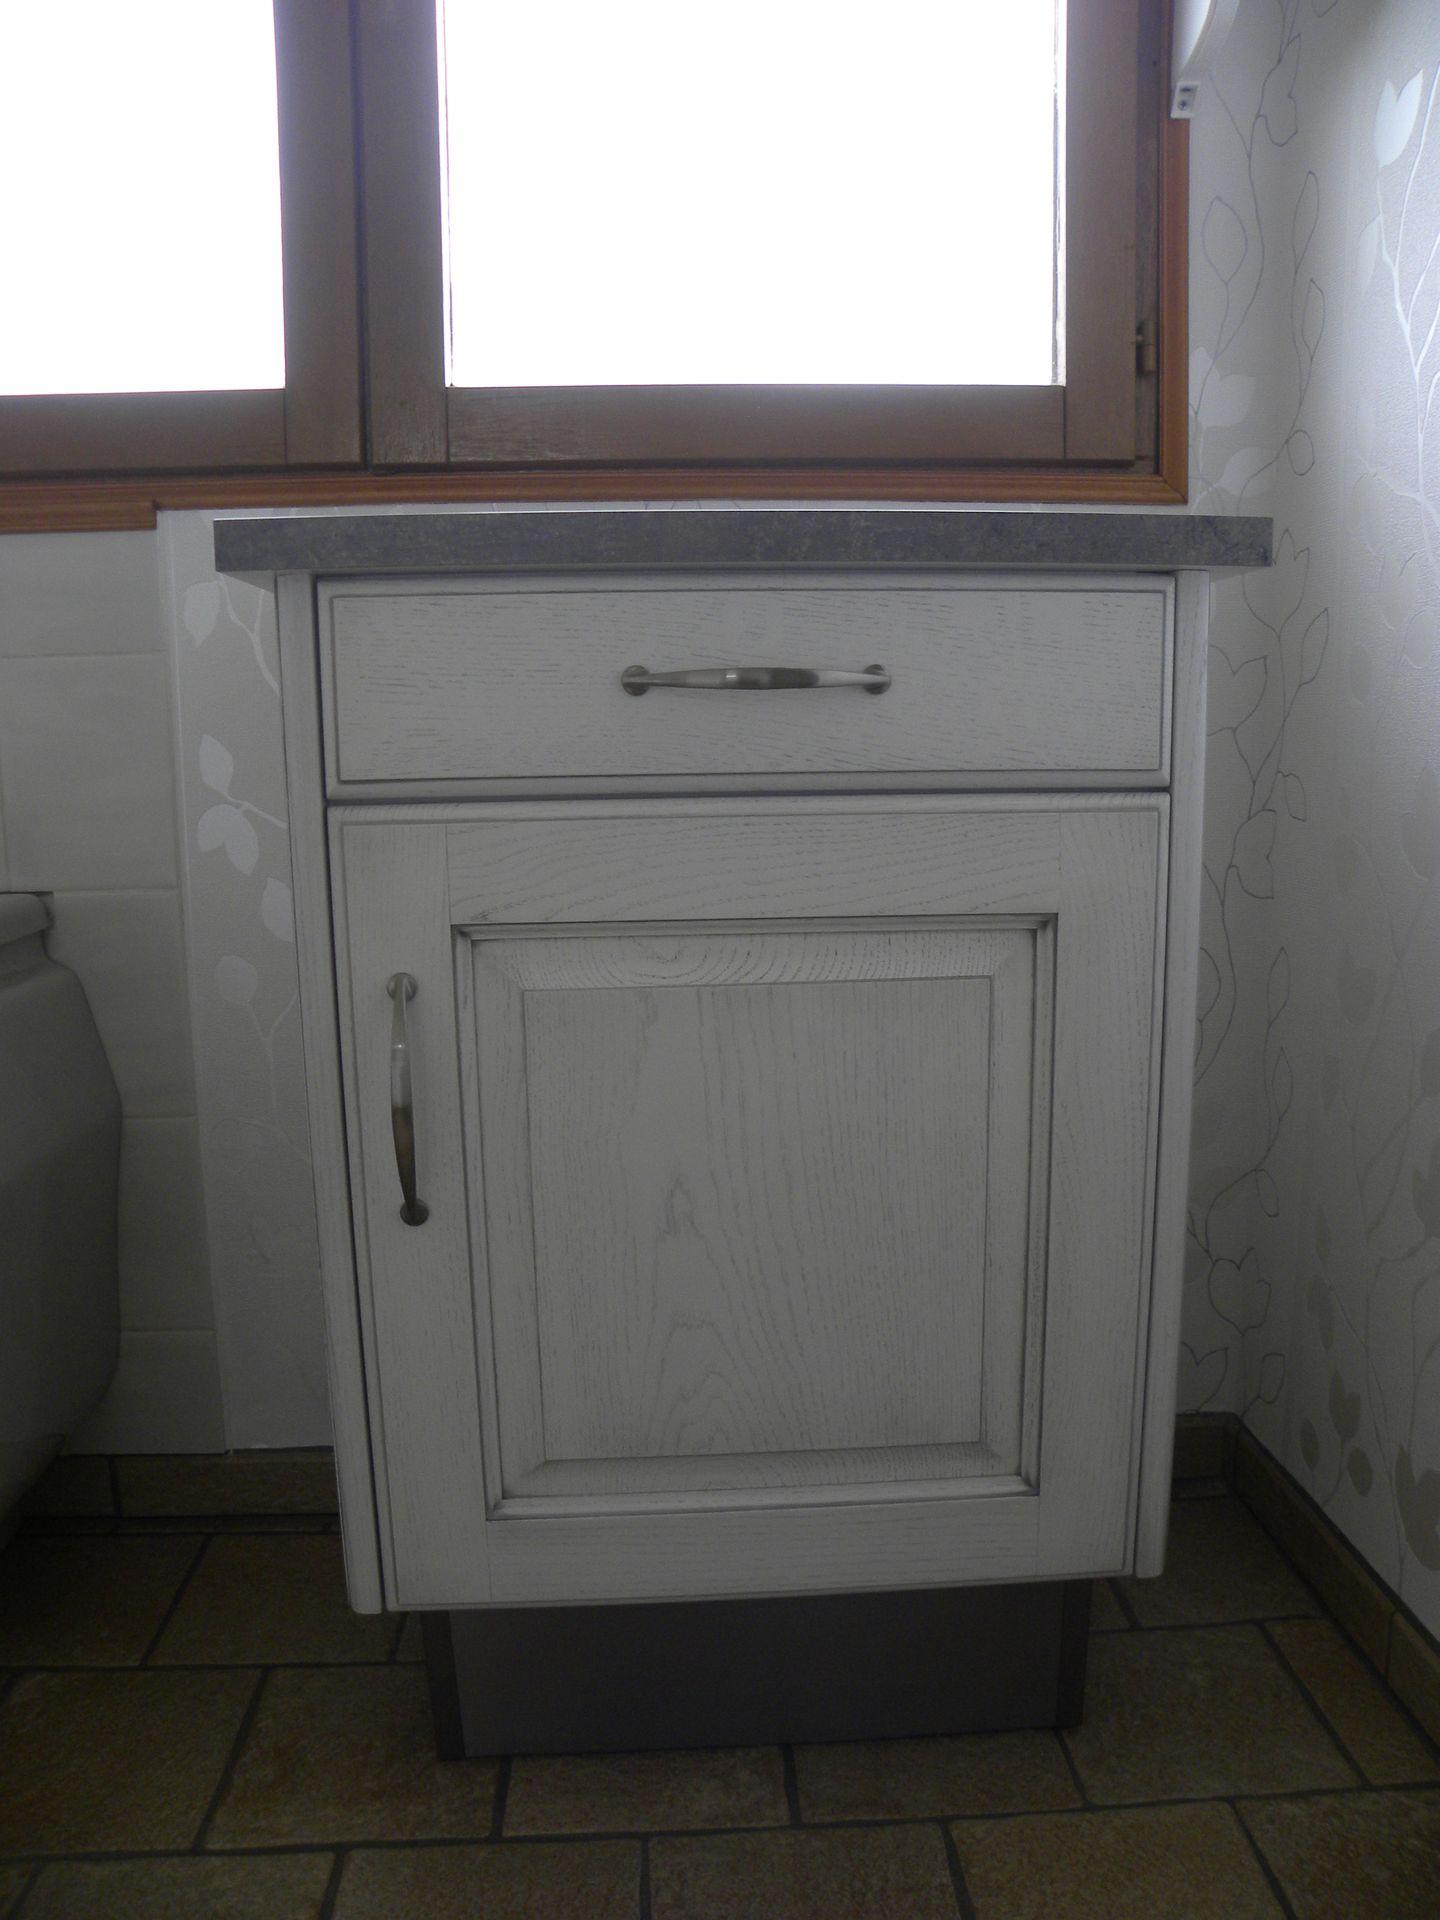 Salle de bains patine grise gilles martel for Colonne salle de bain grise laquee